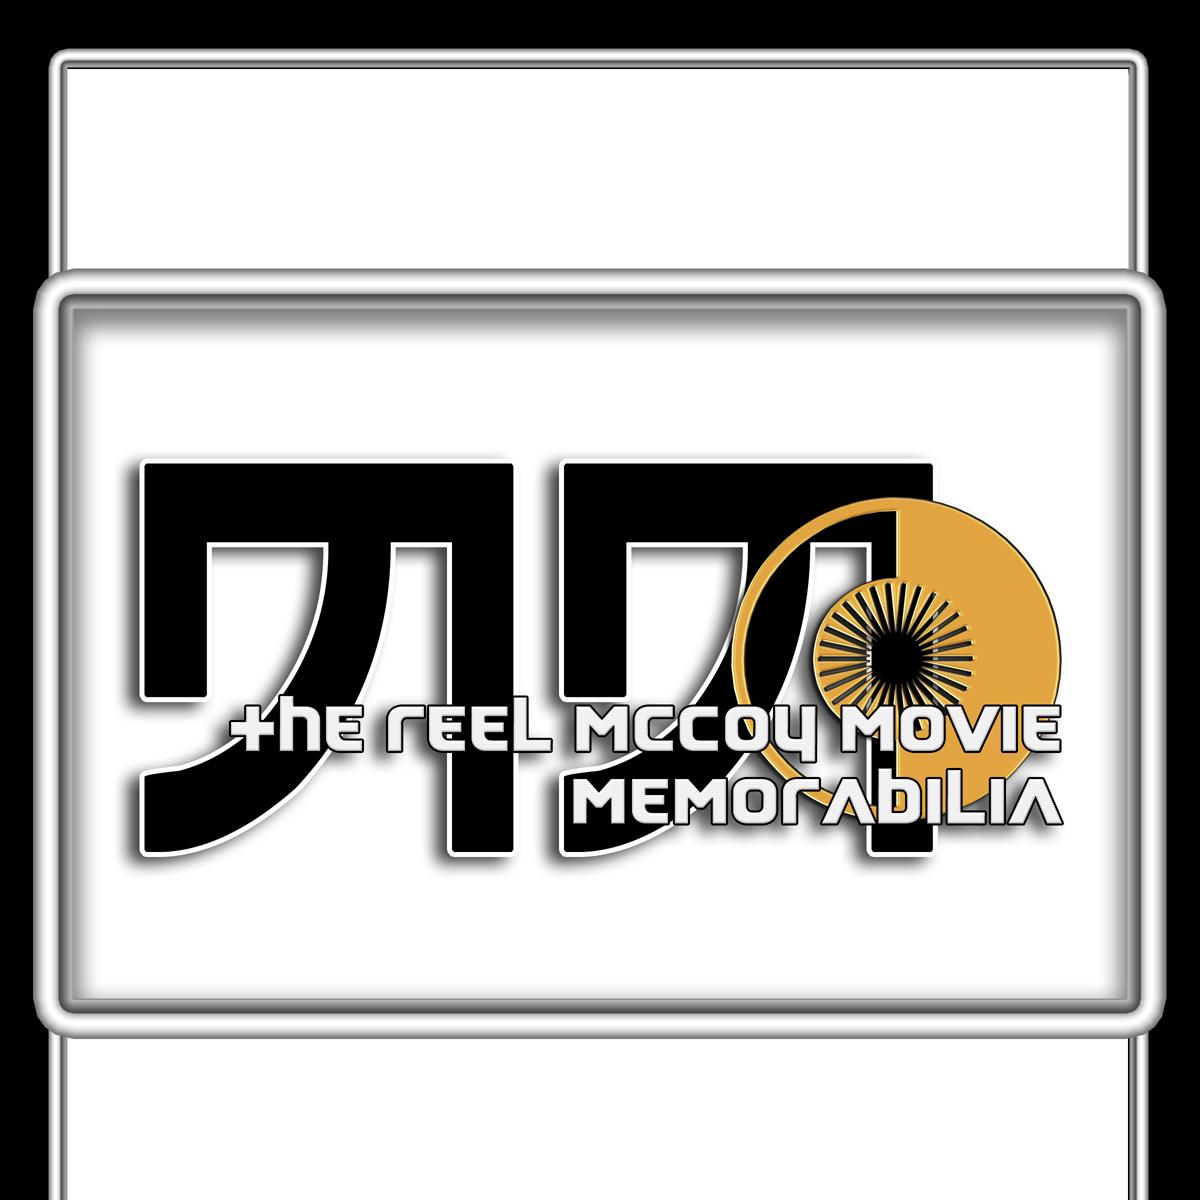 Logo Design by MITUCA ANDREI - Entry No. 4 in the Logo Design Contest Unique Logo Design Wanted for The Reel McCoy Movie Memorabilia.